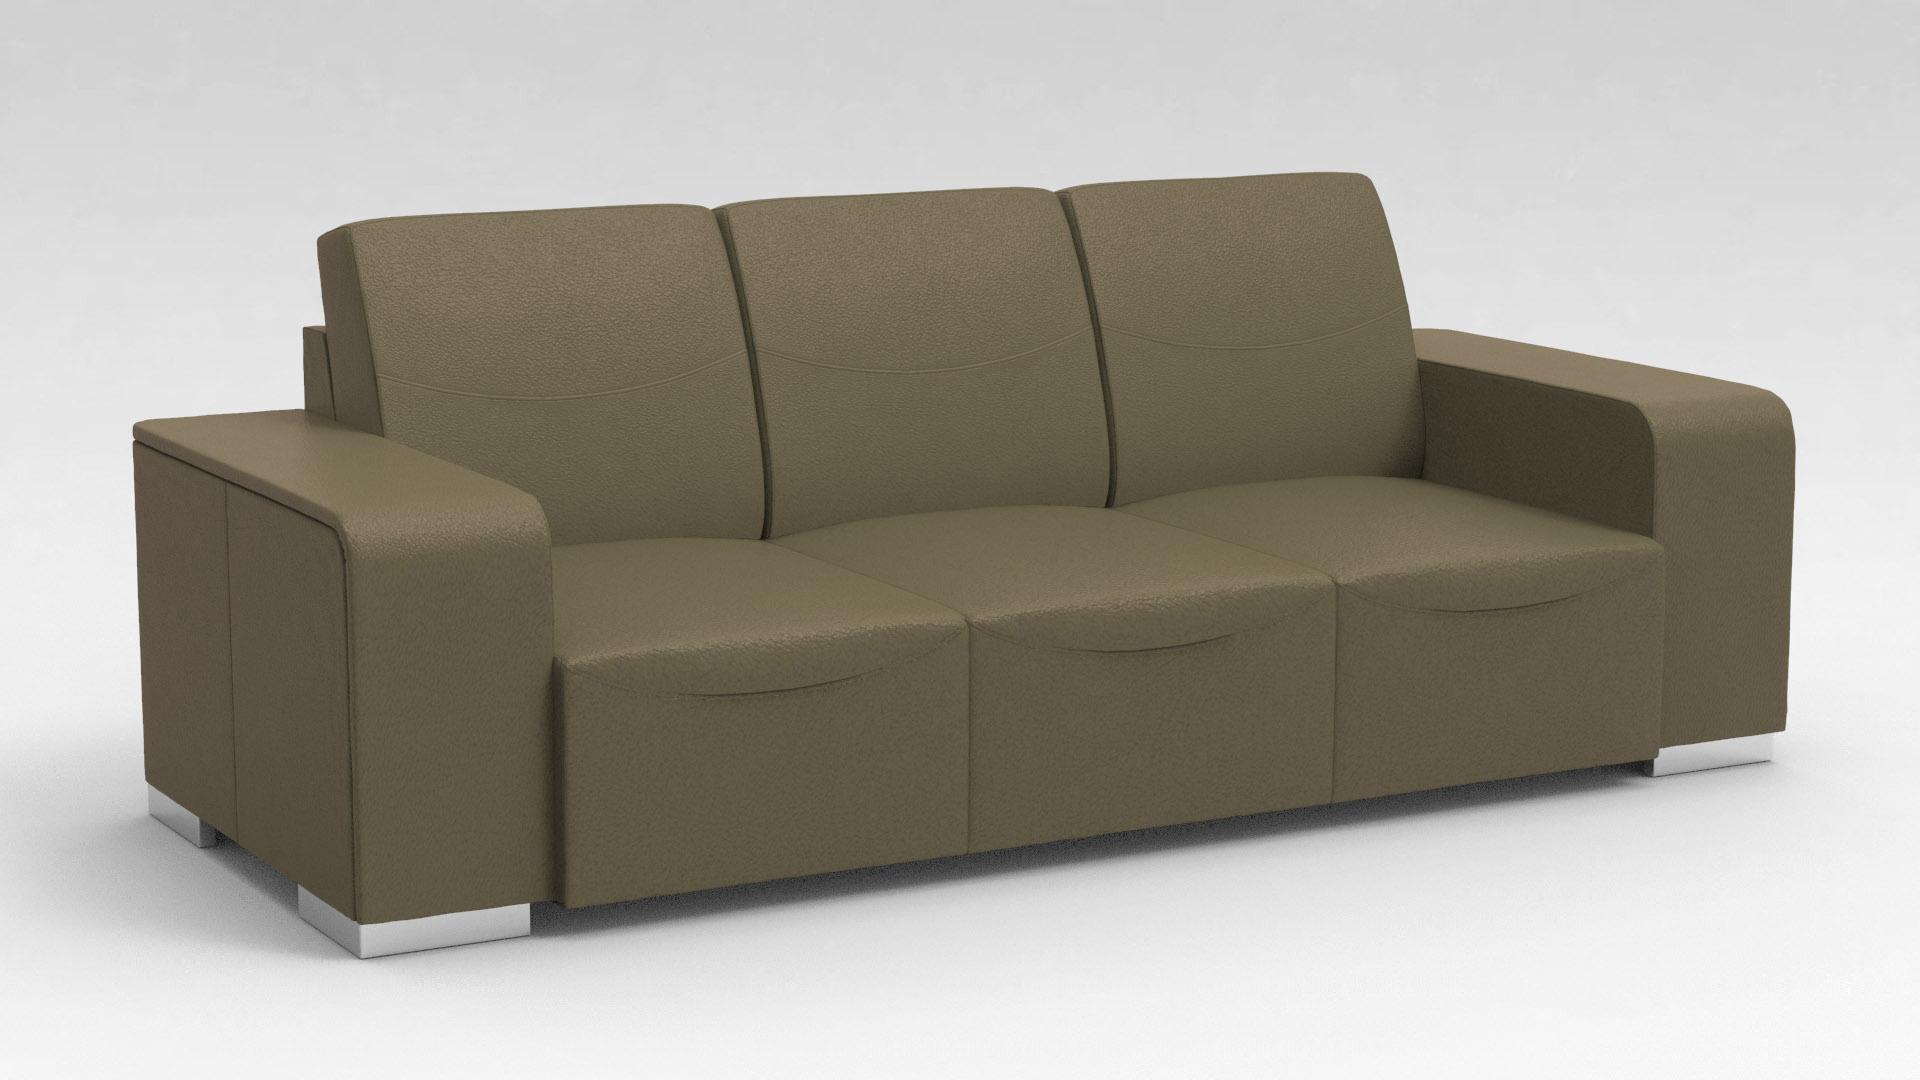 Canapé design 3 places en cuir marron Sofiane